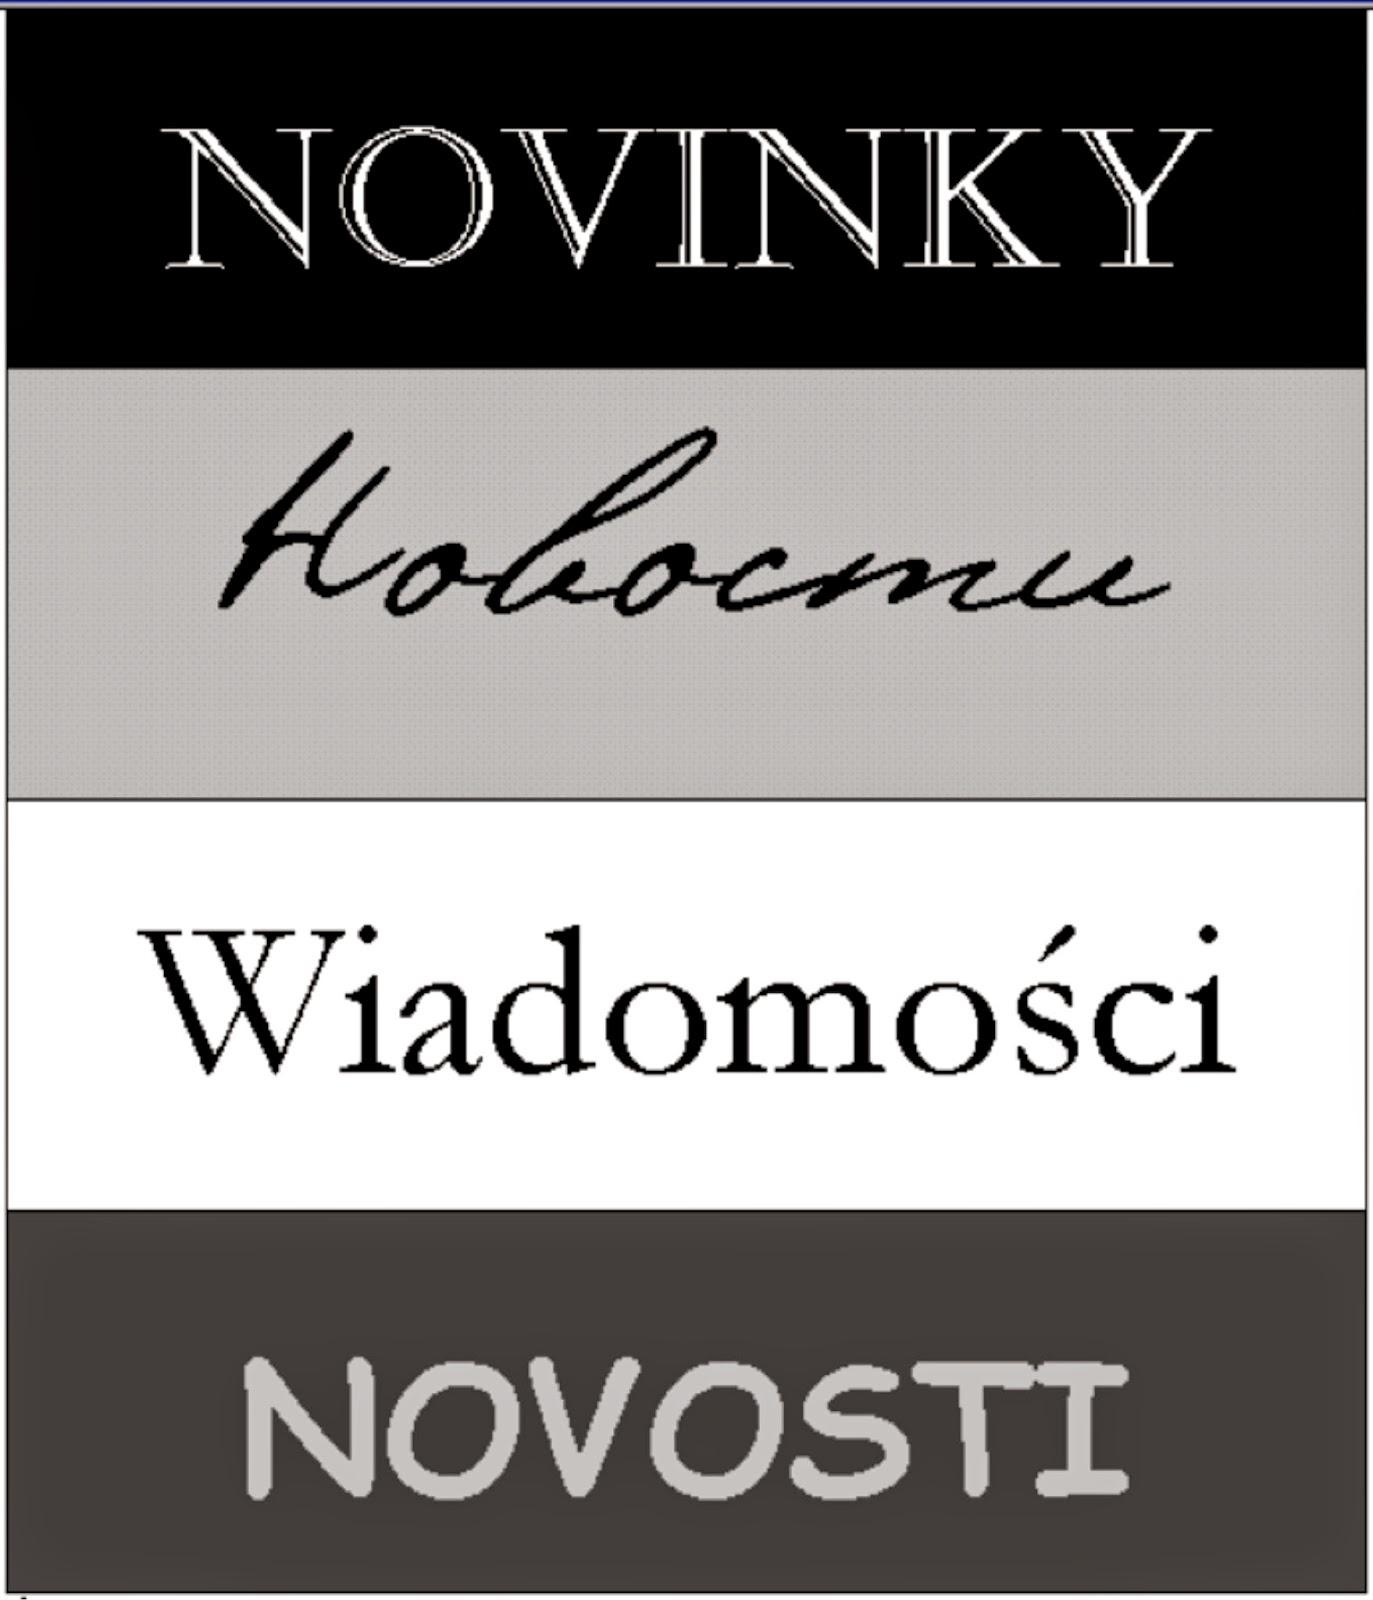 http://www.slavischetaalencultuur.com/p/nieuwsbrief-slavische-talen-en-culturen.html